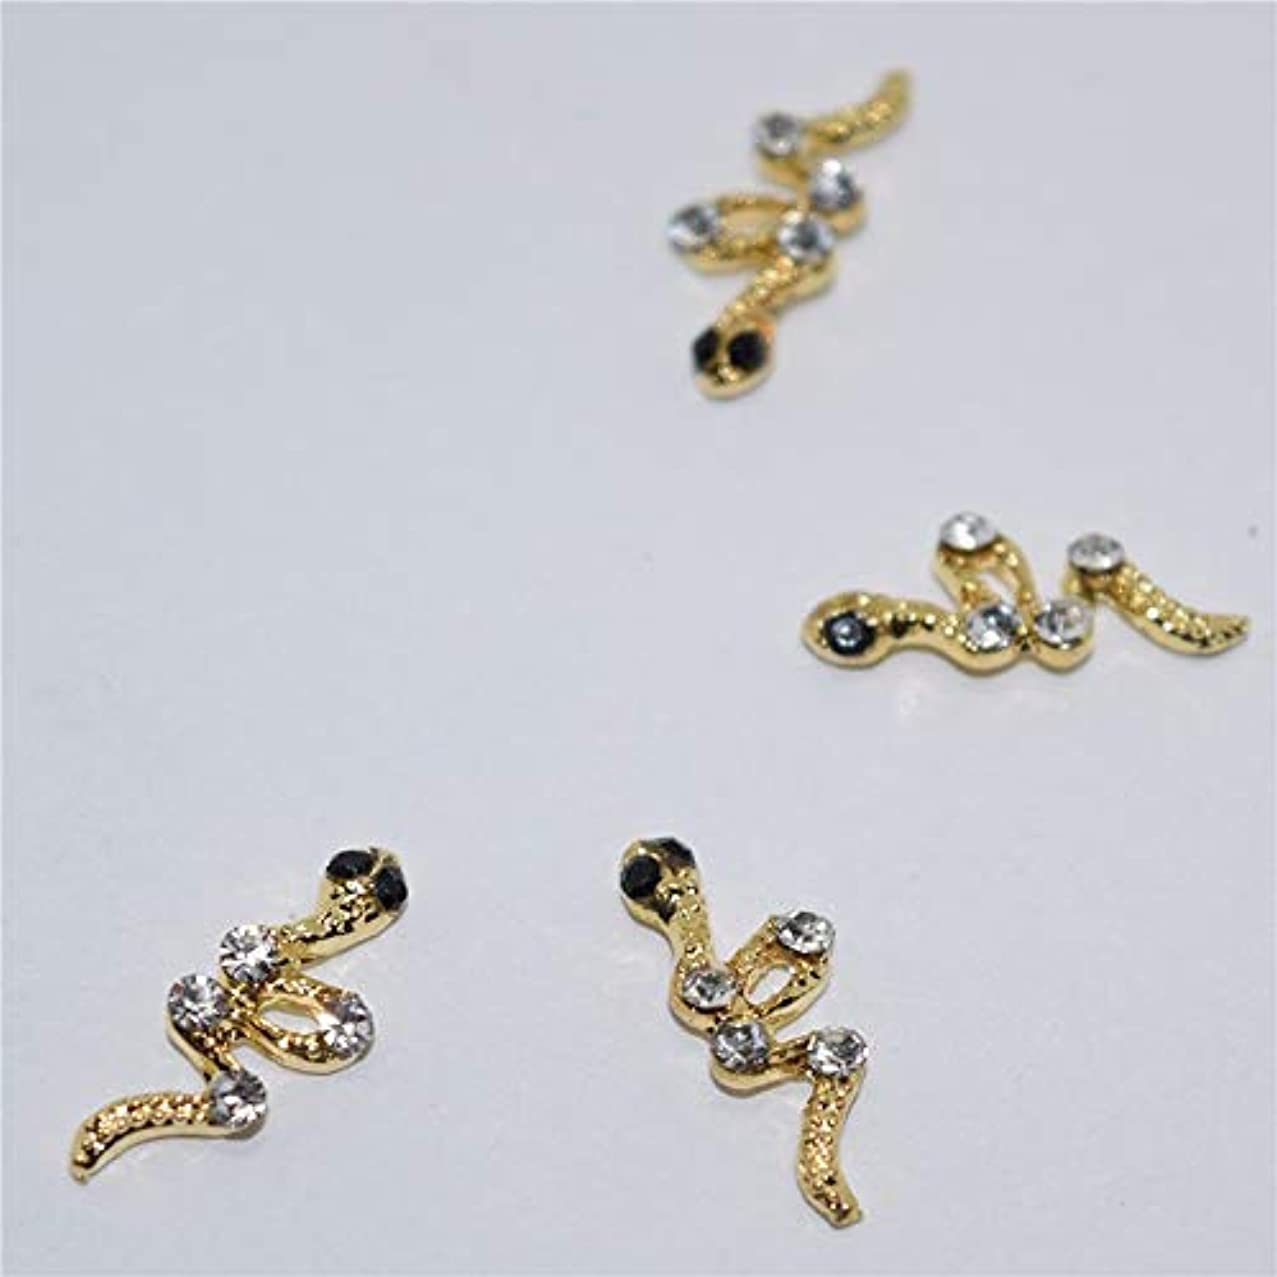 前提流産余計な10個入りゴールデンスネーク動物の3Dネイルアートの装飾合金ネイルチャームネイルズラインストーンネイル用品